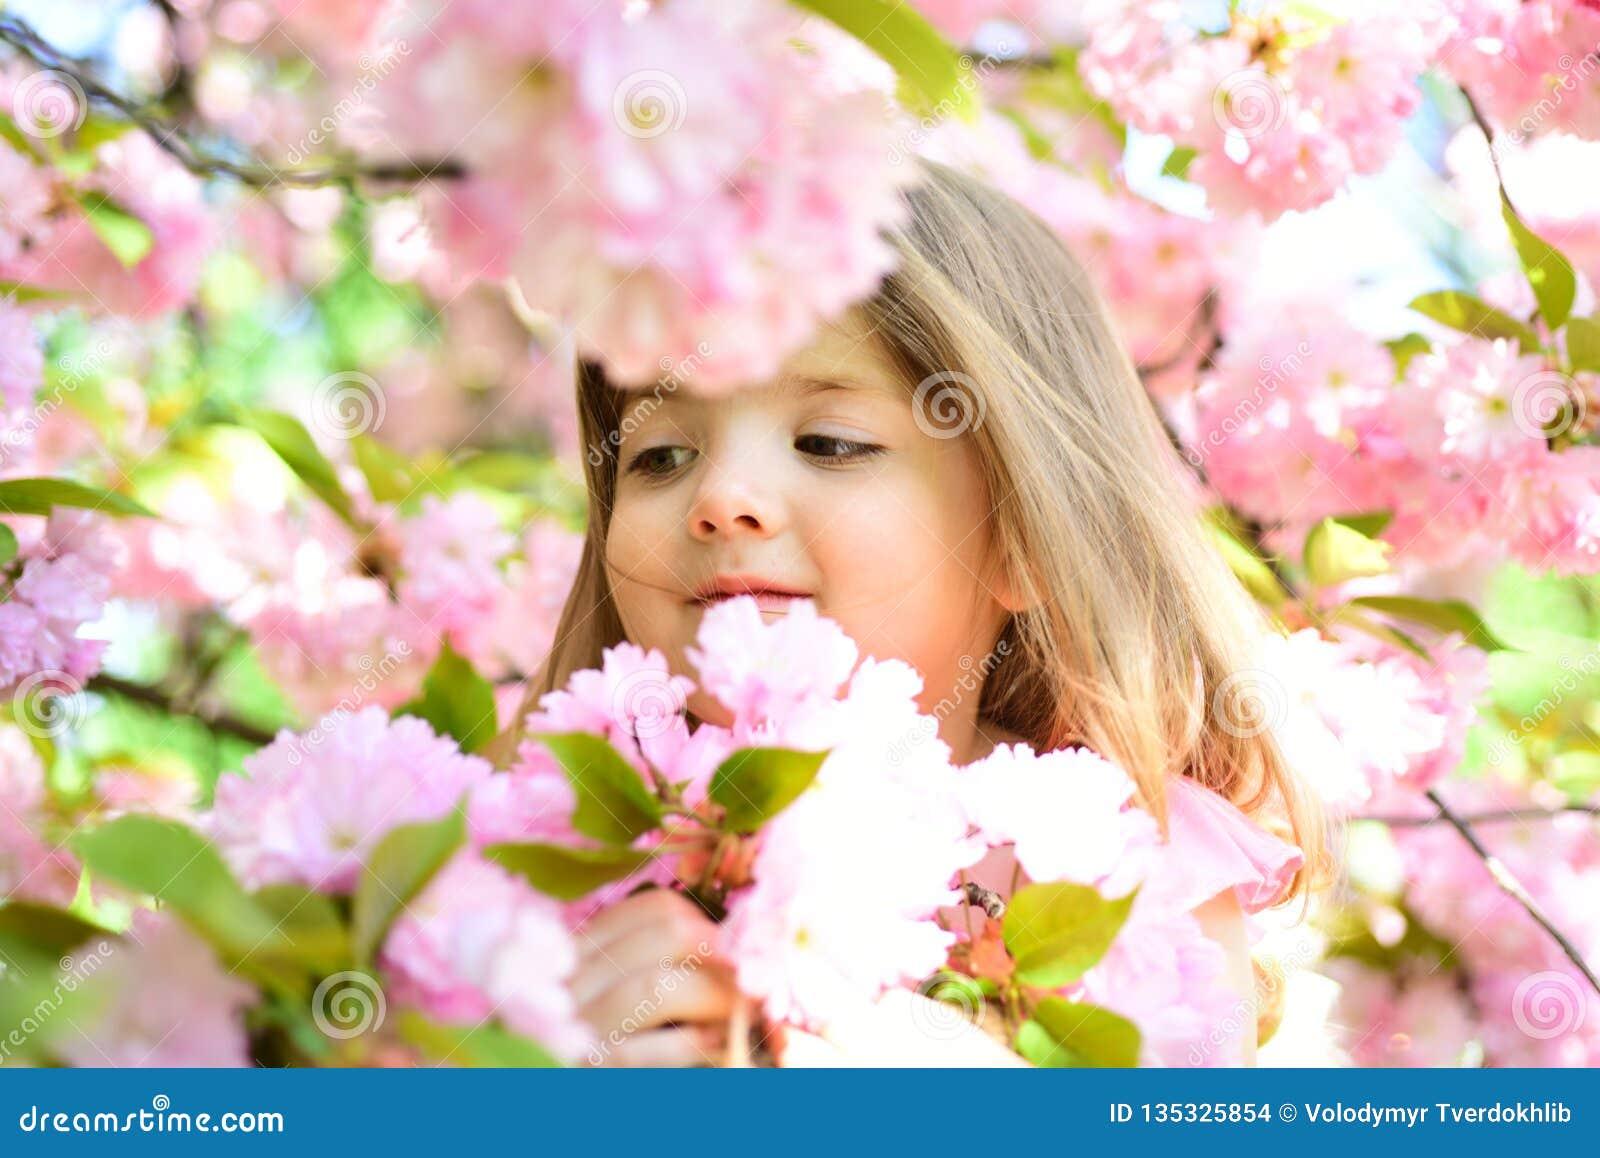 Dundersuccé Vår framsida och skincare för väderprognos allergiblommor till Liten flicka i solig vår litet barn